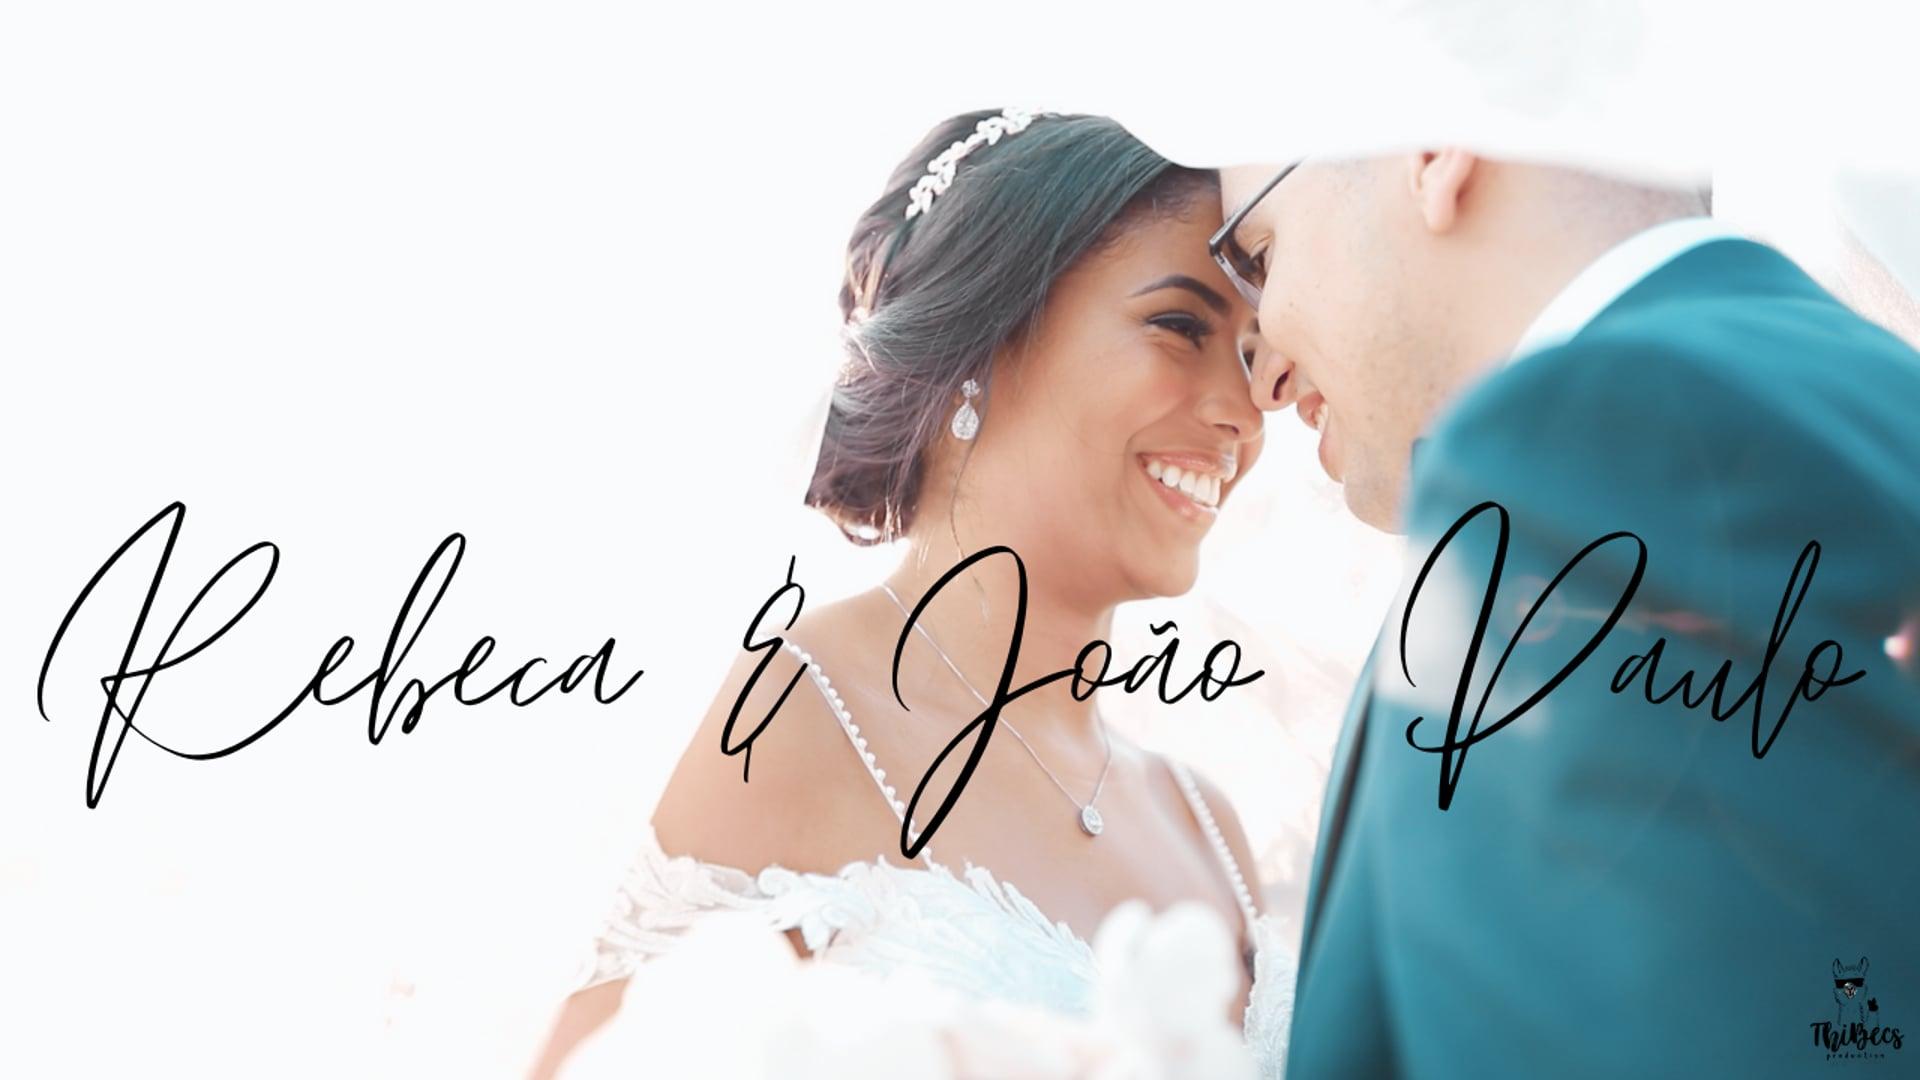 João Paulo & Rebeca | Cinematic Highlight Video | São Paulo, Brazil